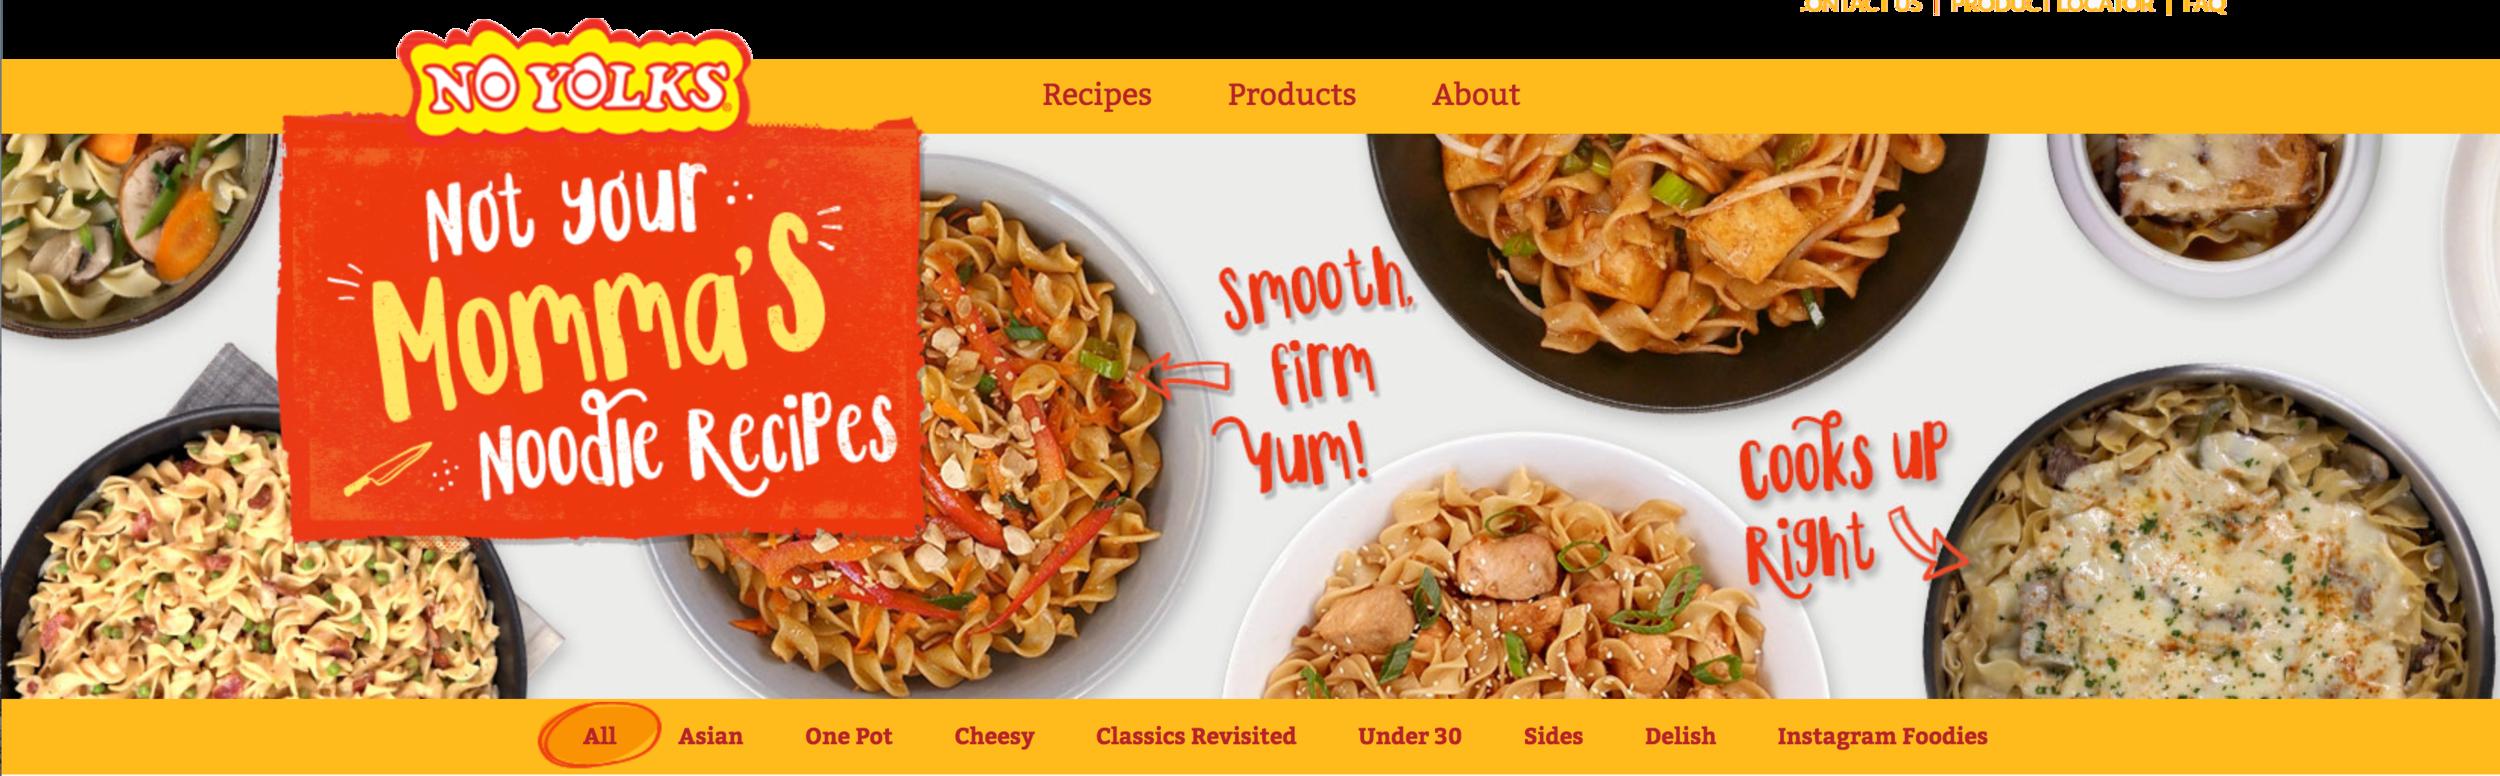 Recipe Ideas with No Yolks Noodles